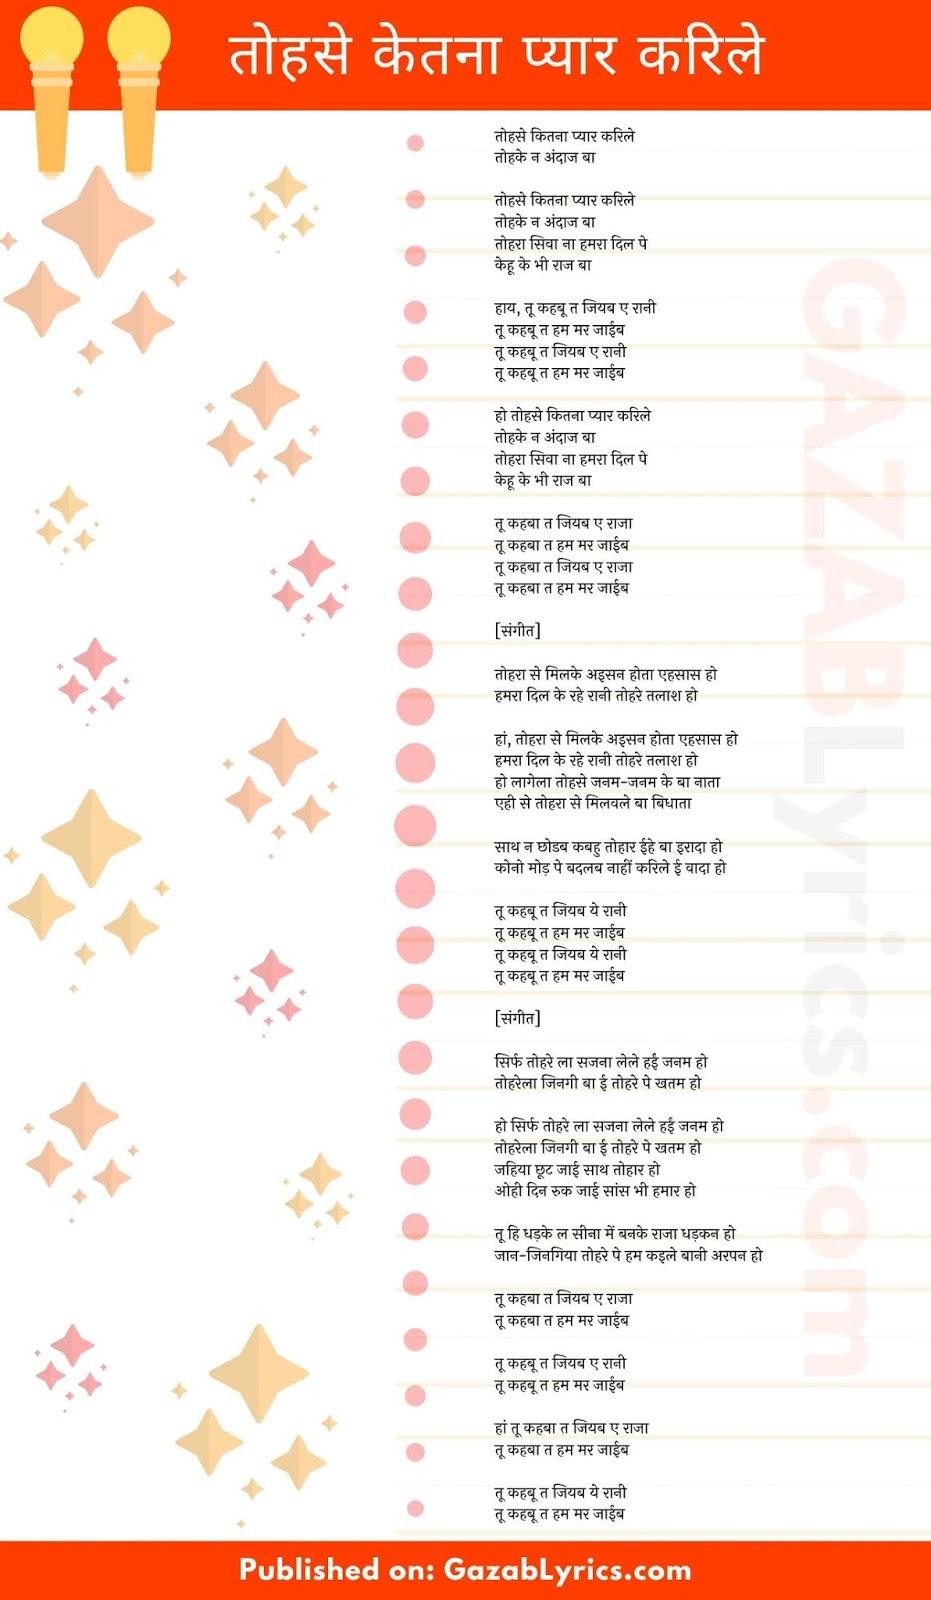 Tohse Ketna Pyar Karile song lyrics image